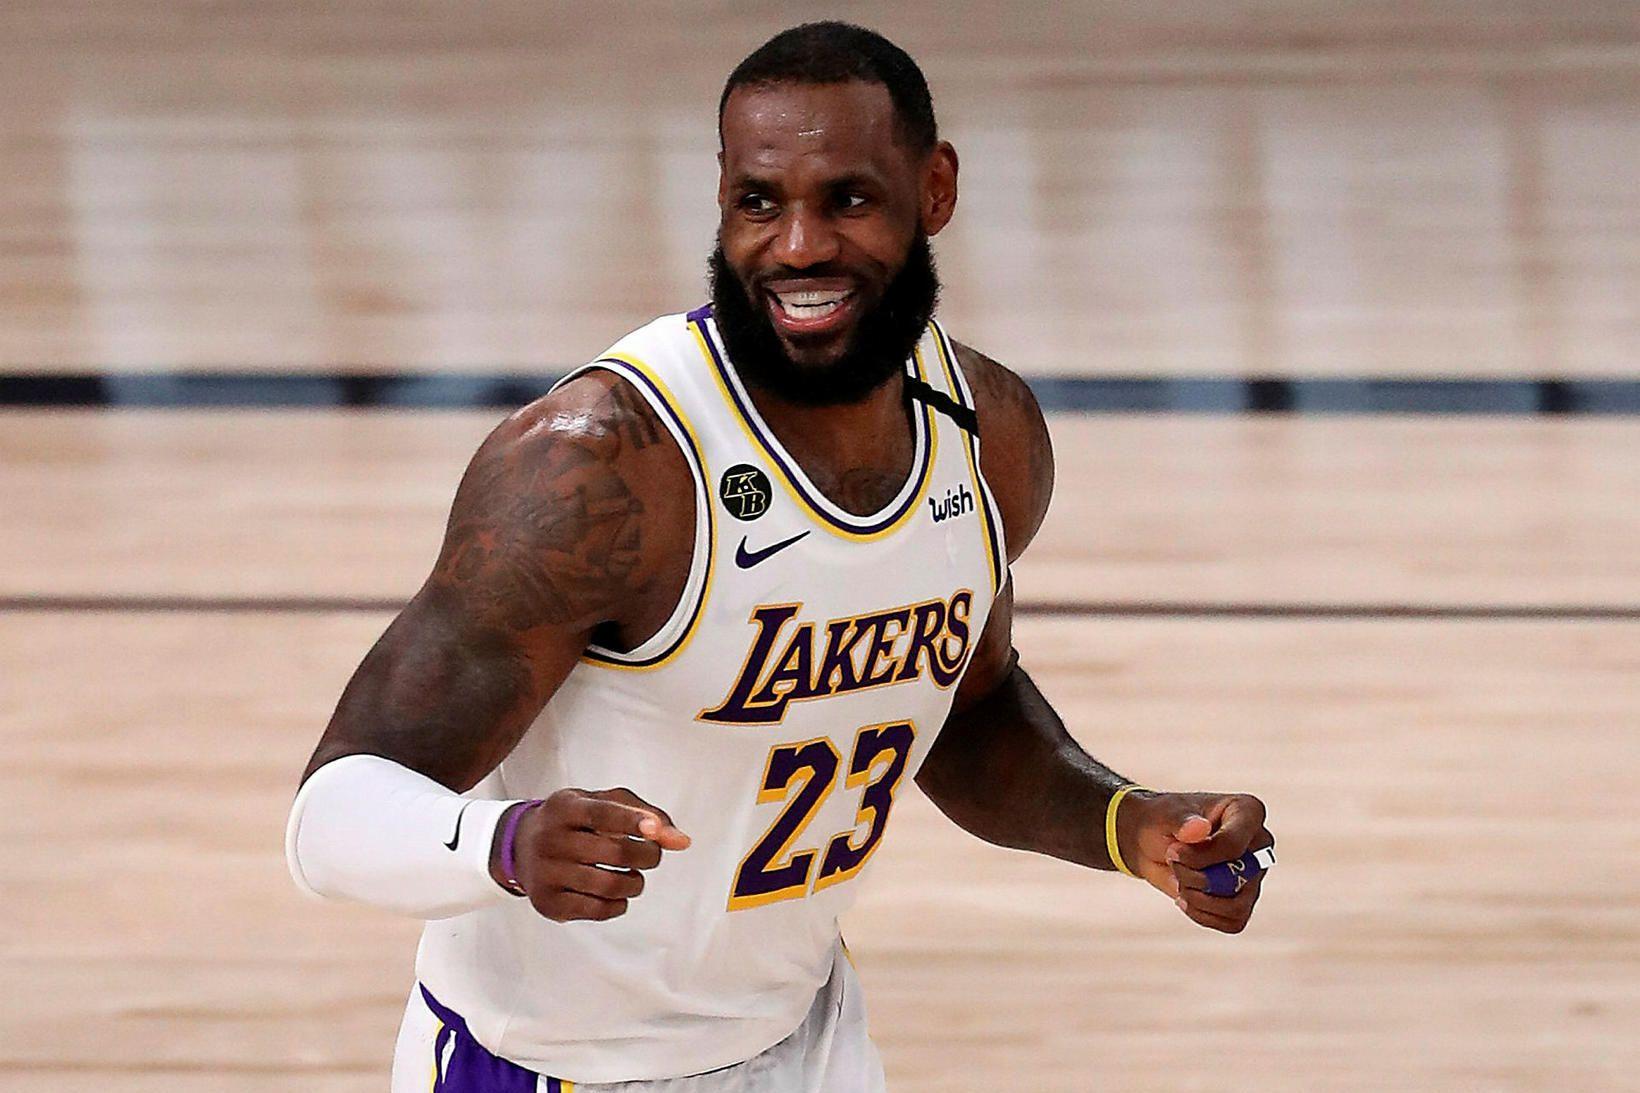 LeBron James skoraði 36 stig gegn Houston Rockets í nótt.